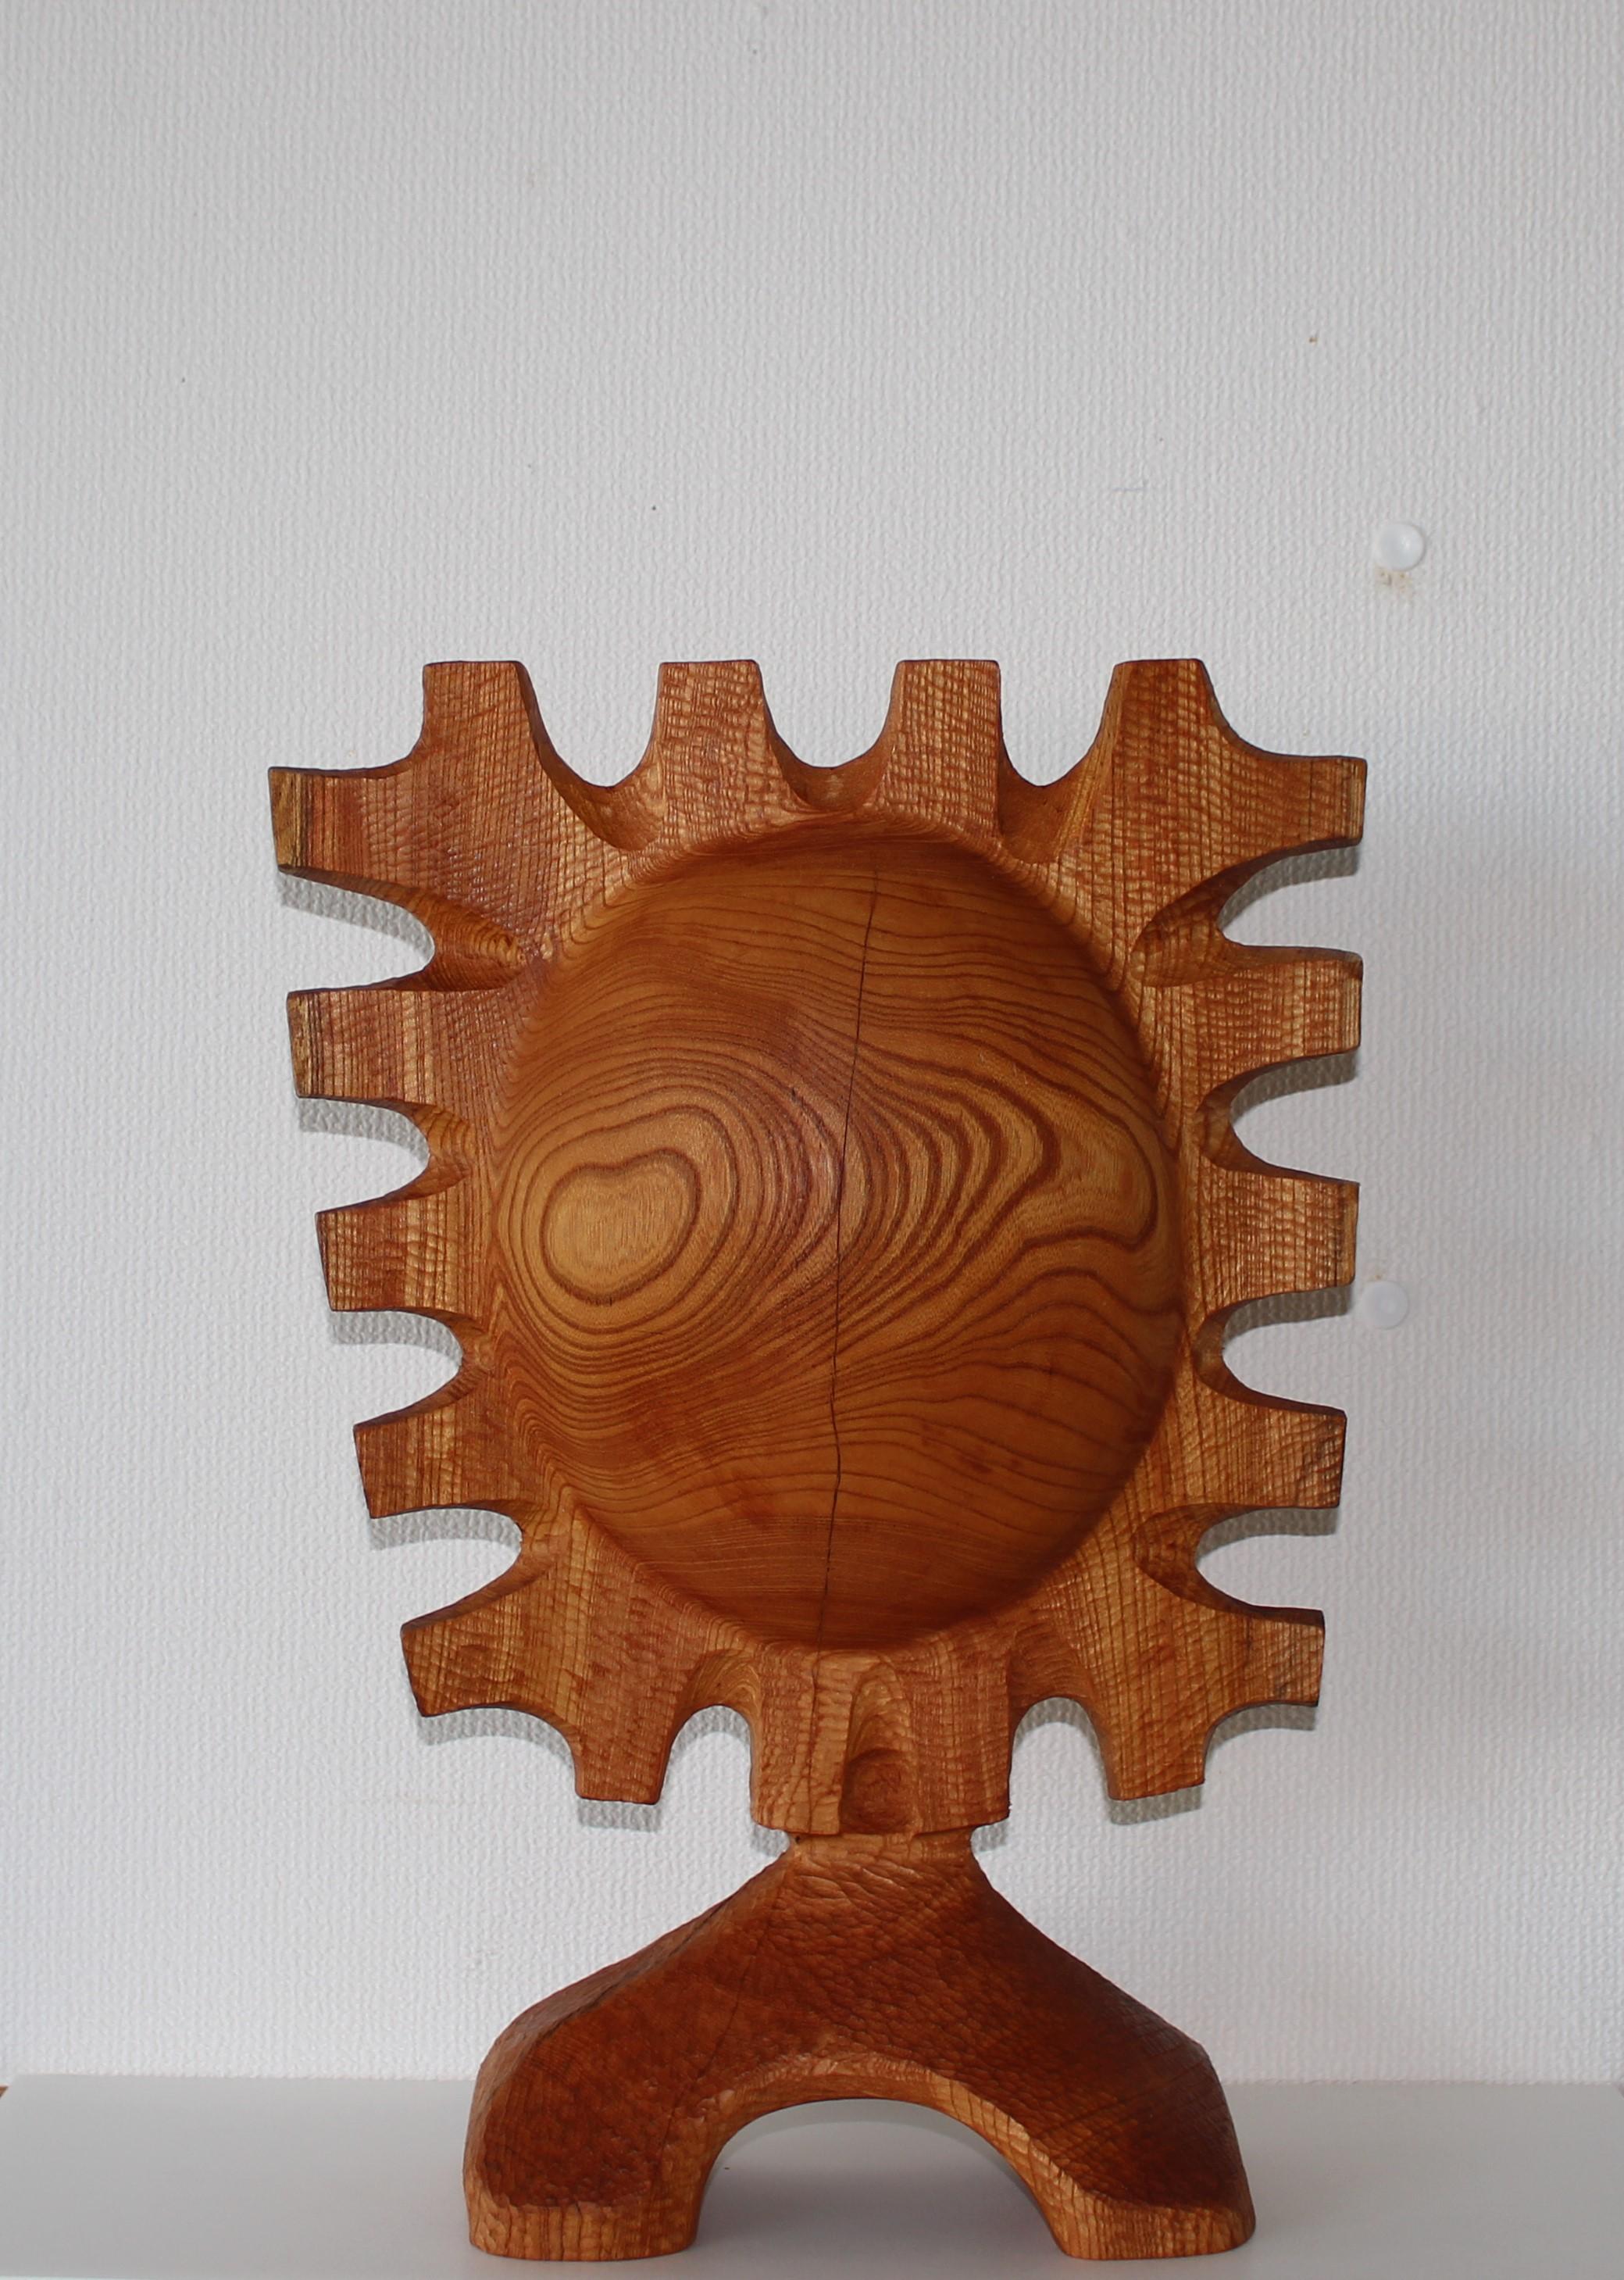 木にロマンを求めて 風間信秀 木の工芸展